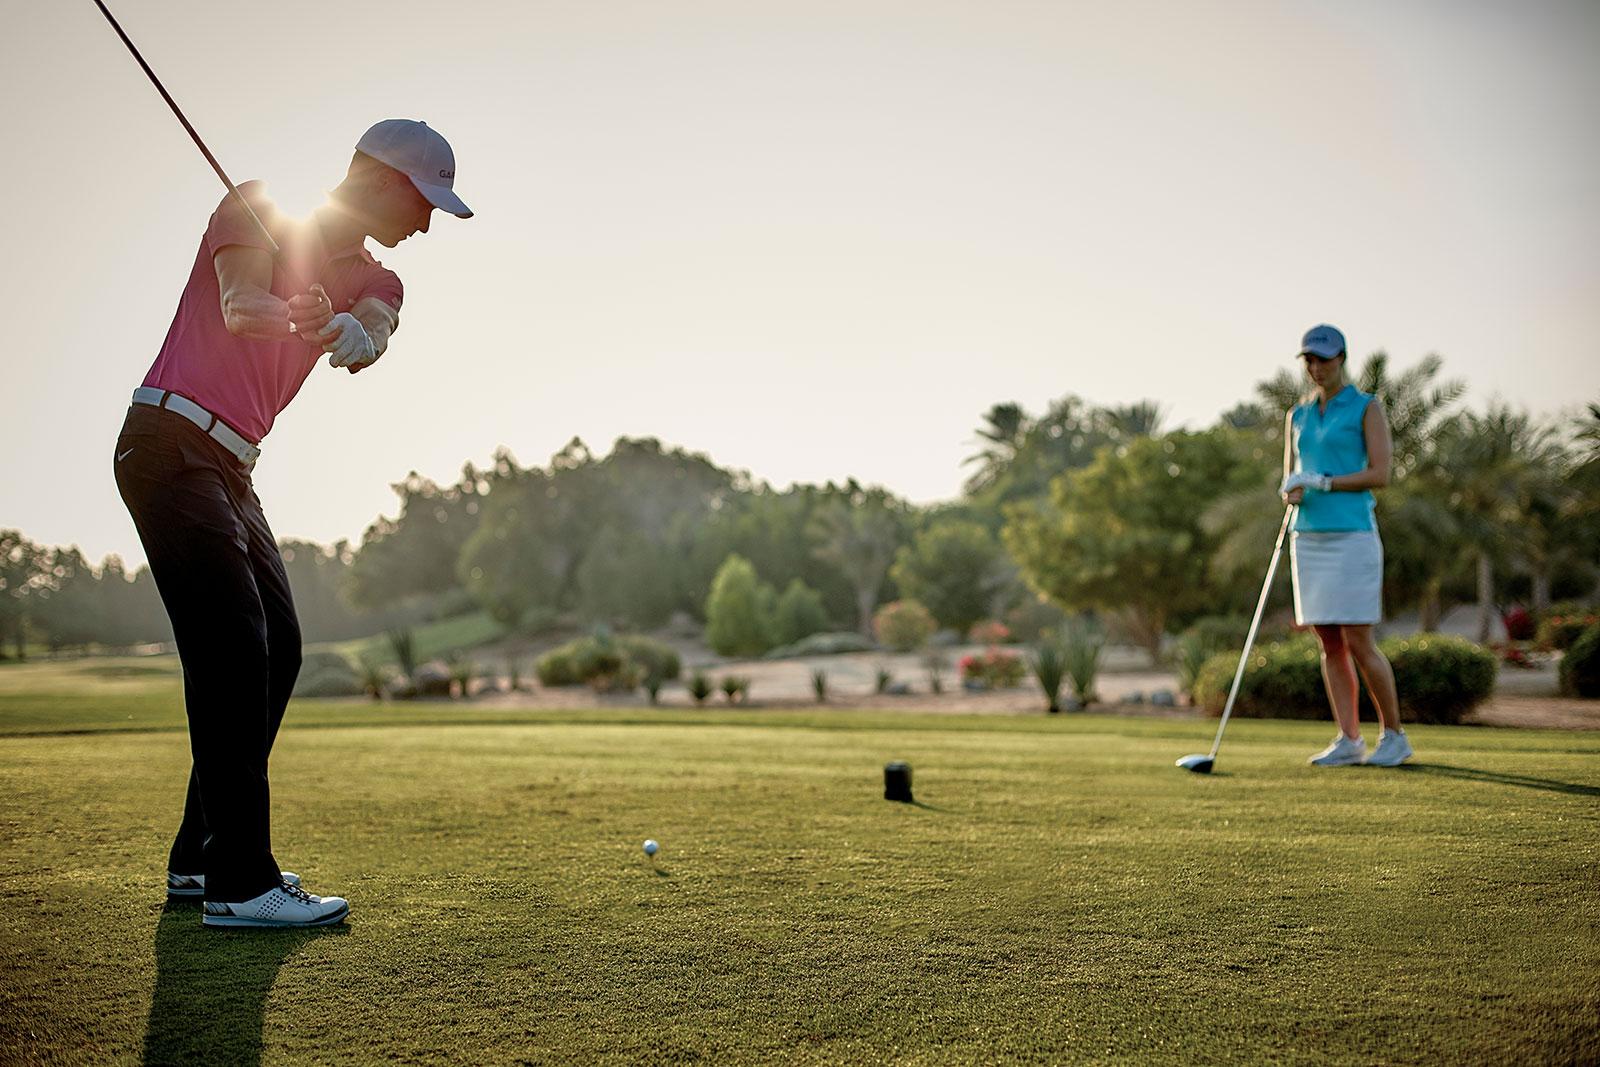 Approach series (Golf)